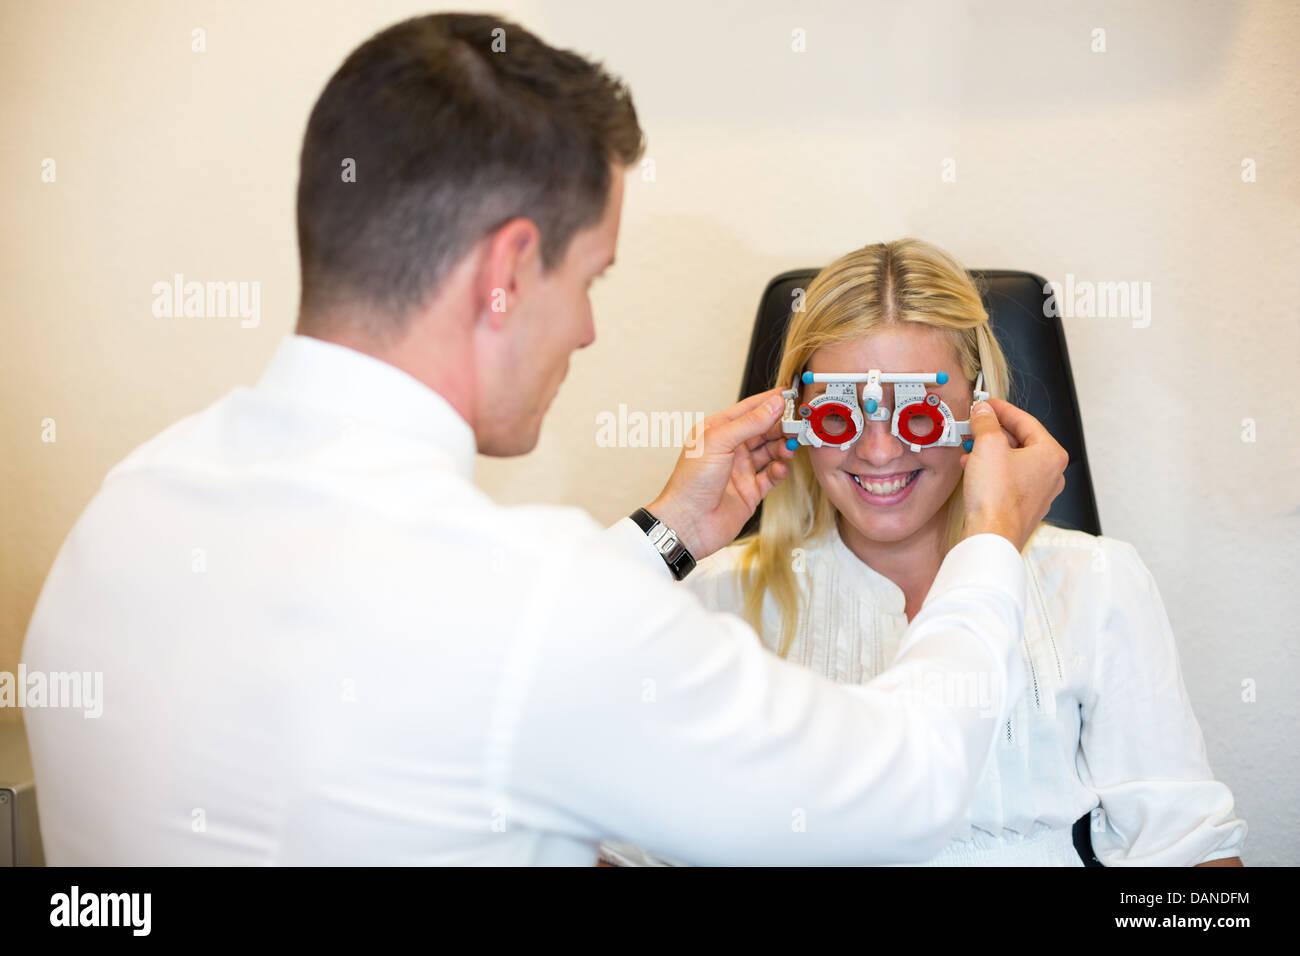 Cliente en una óptica gafas intentando prueba en un marco de prueba ...